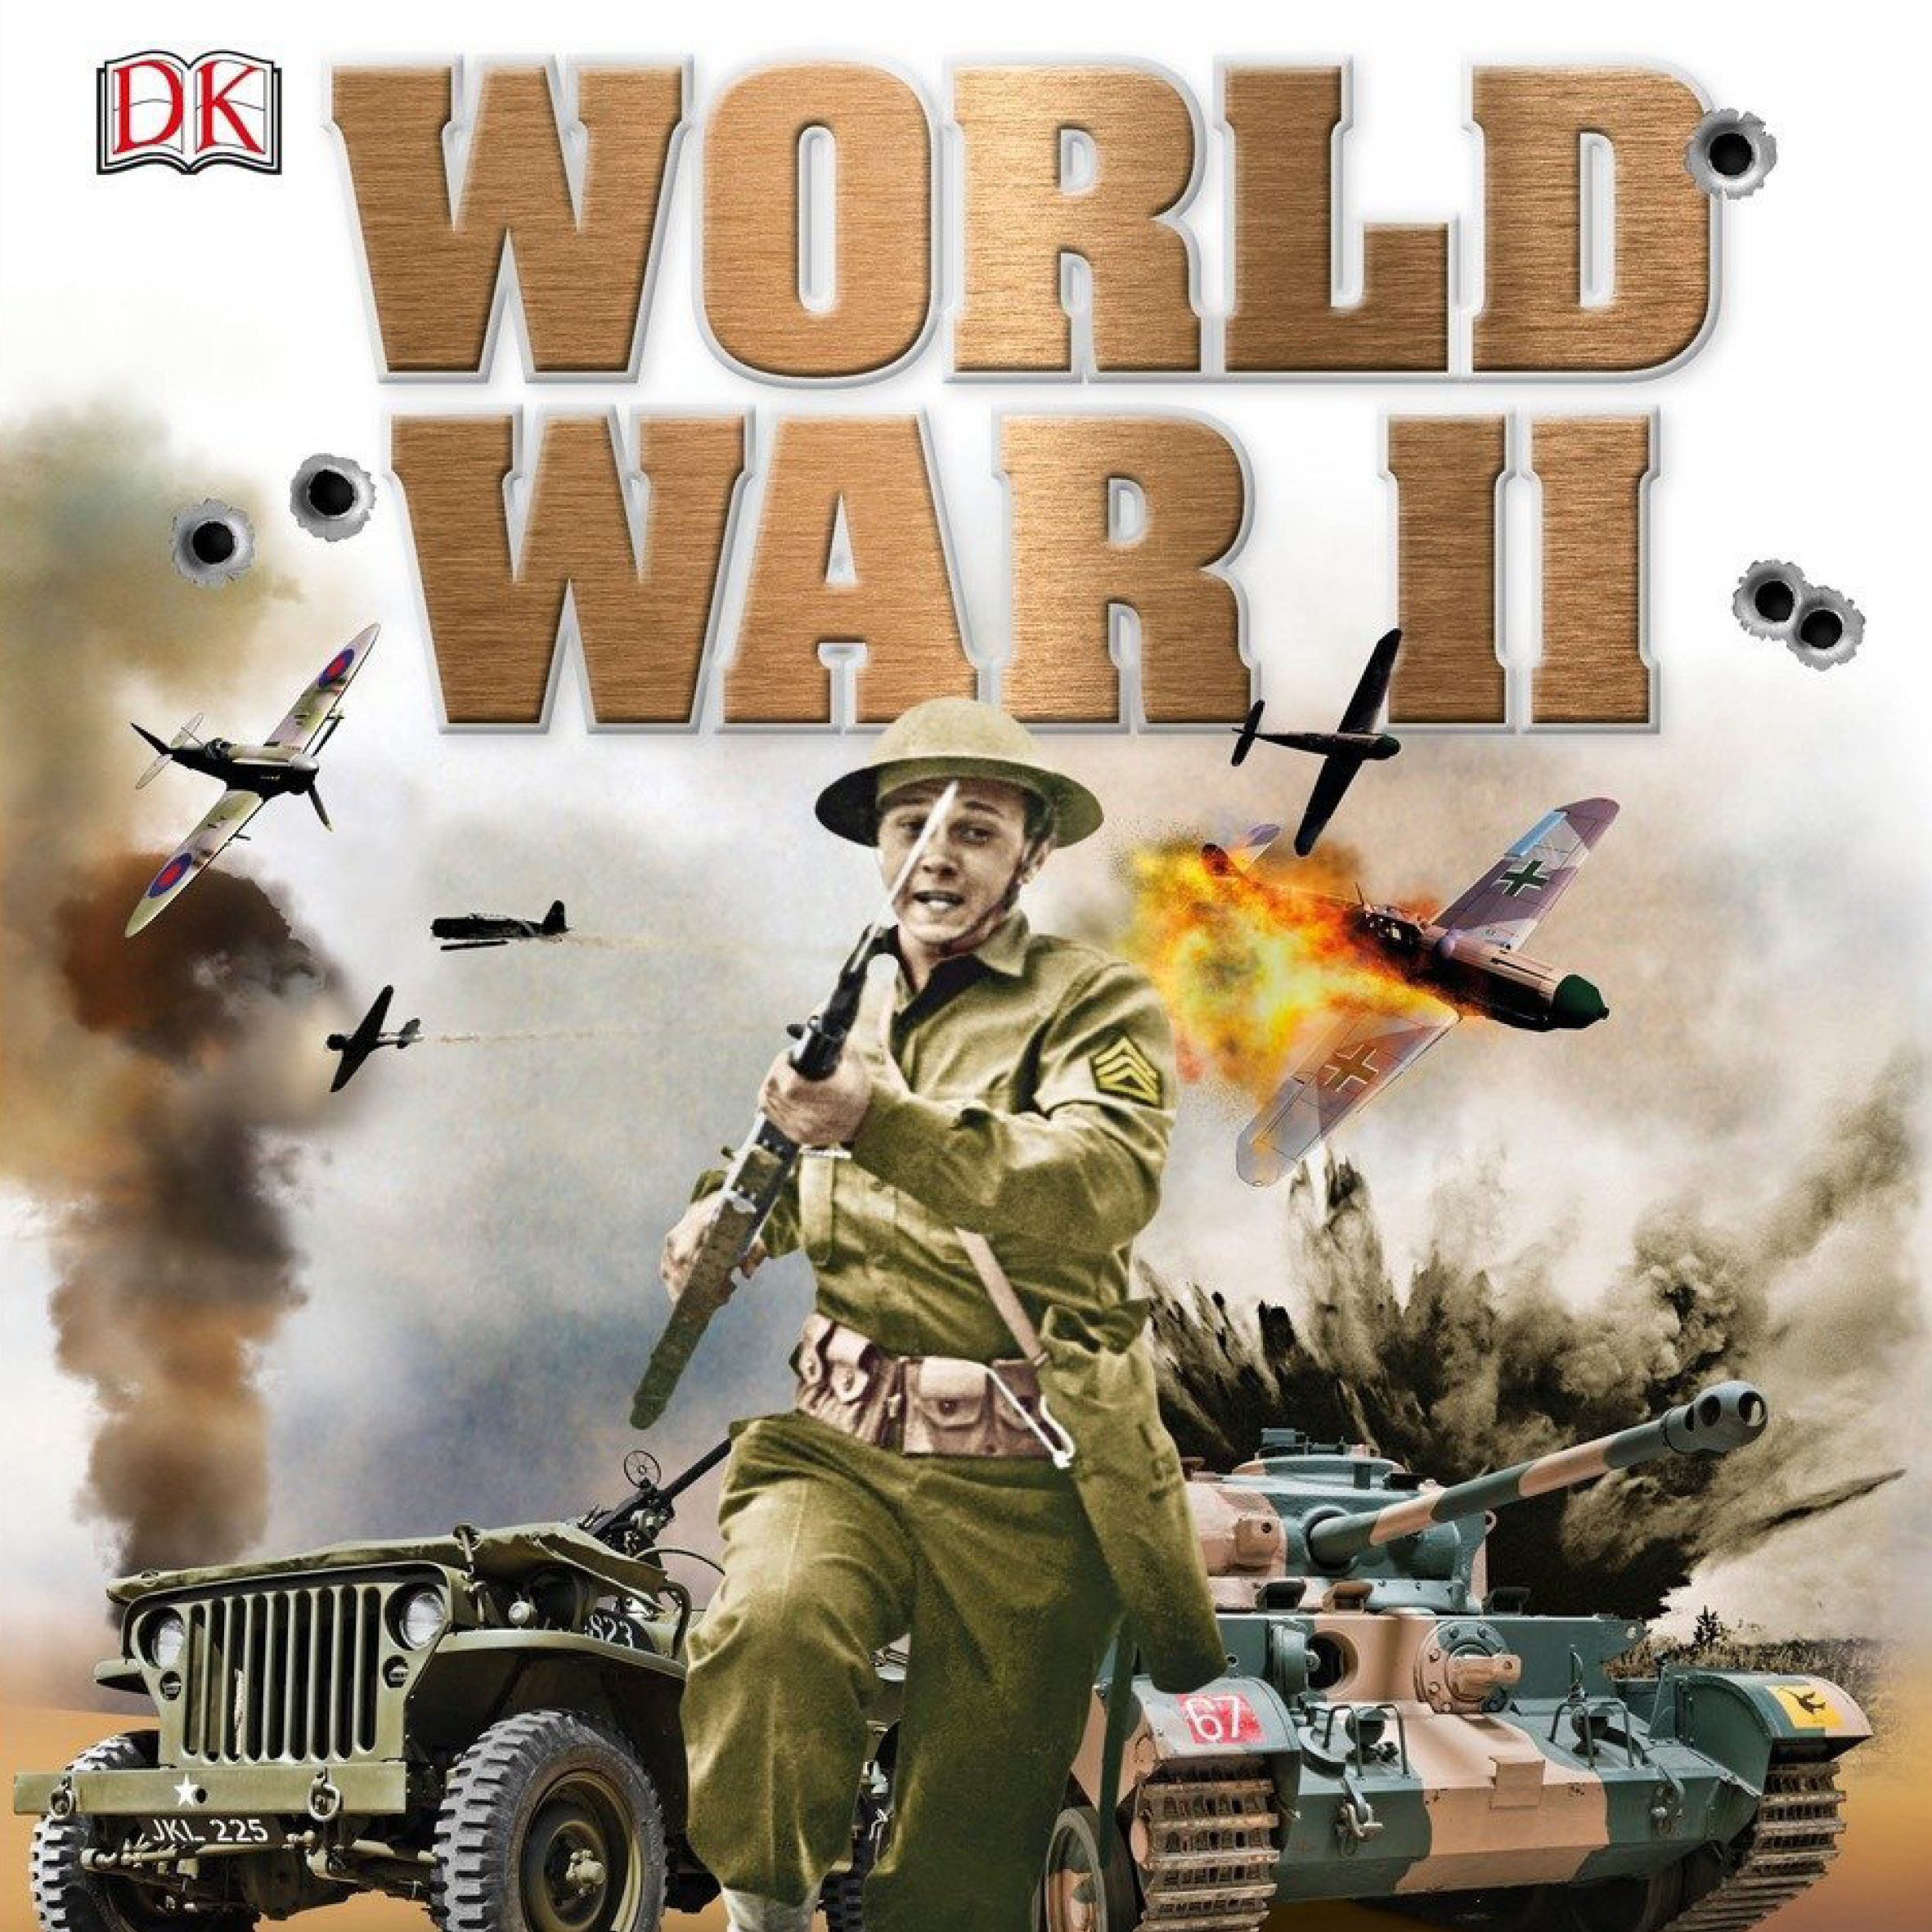 14 Dynamo WWII Vis Ency_THUMB